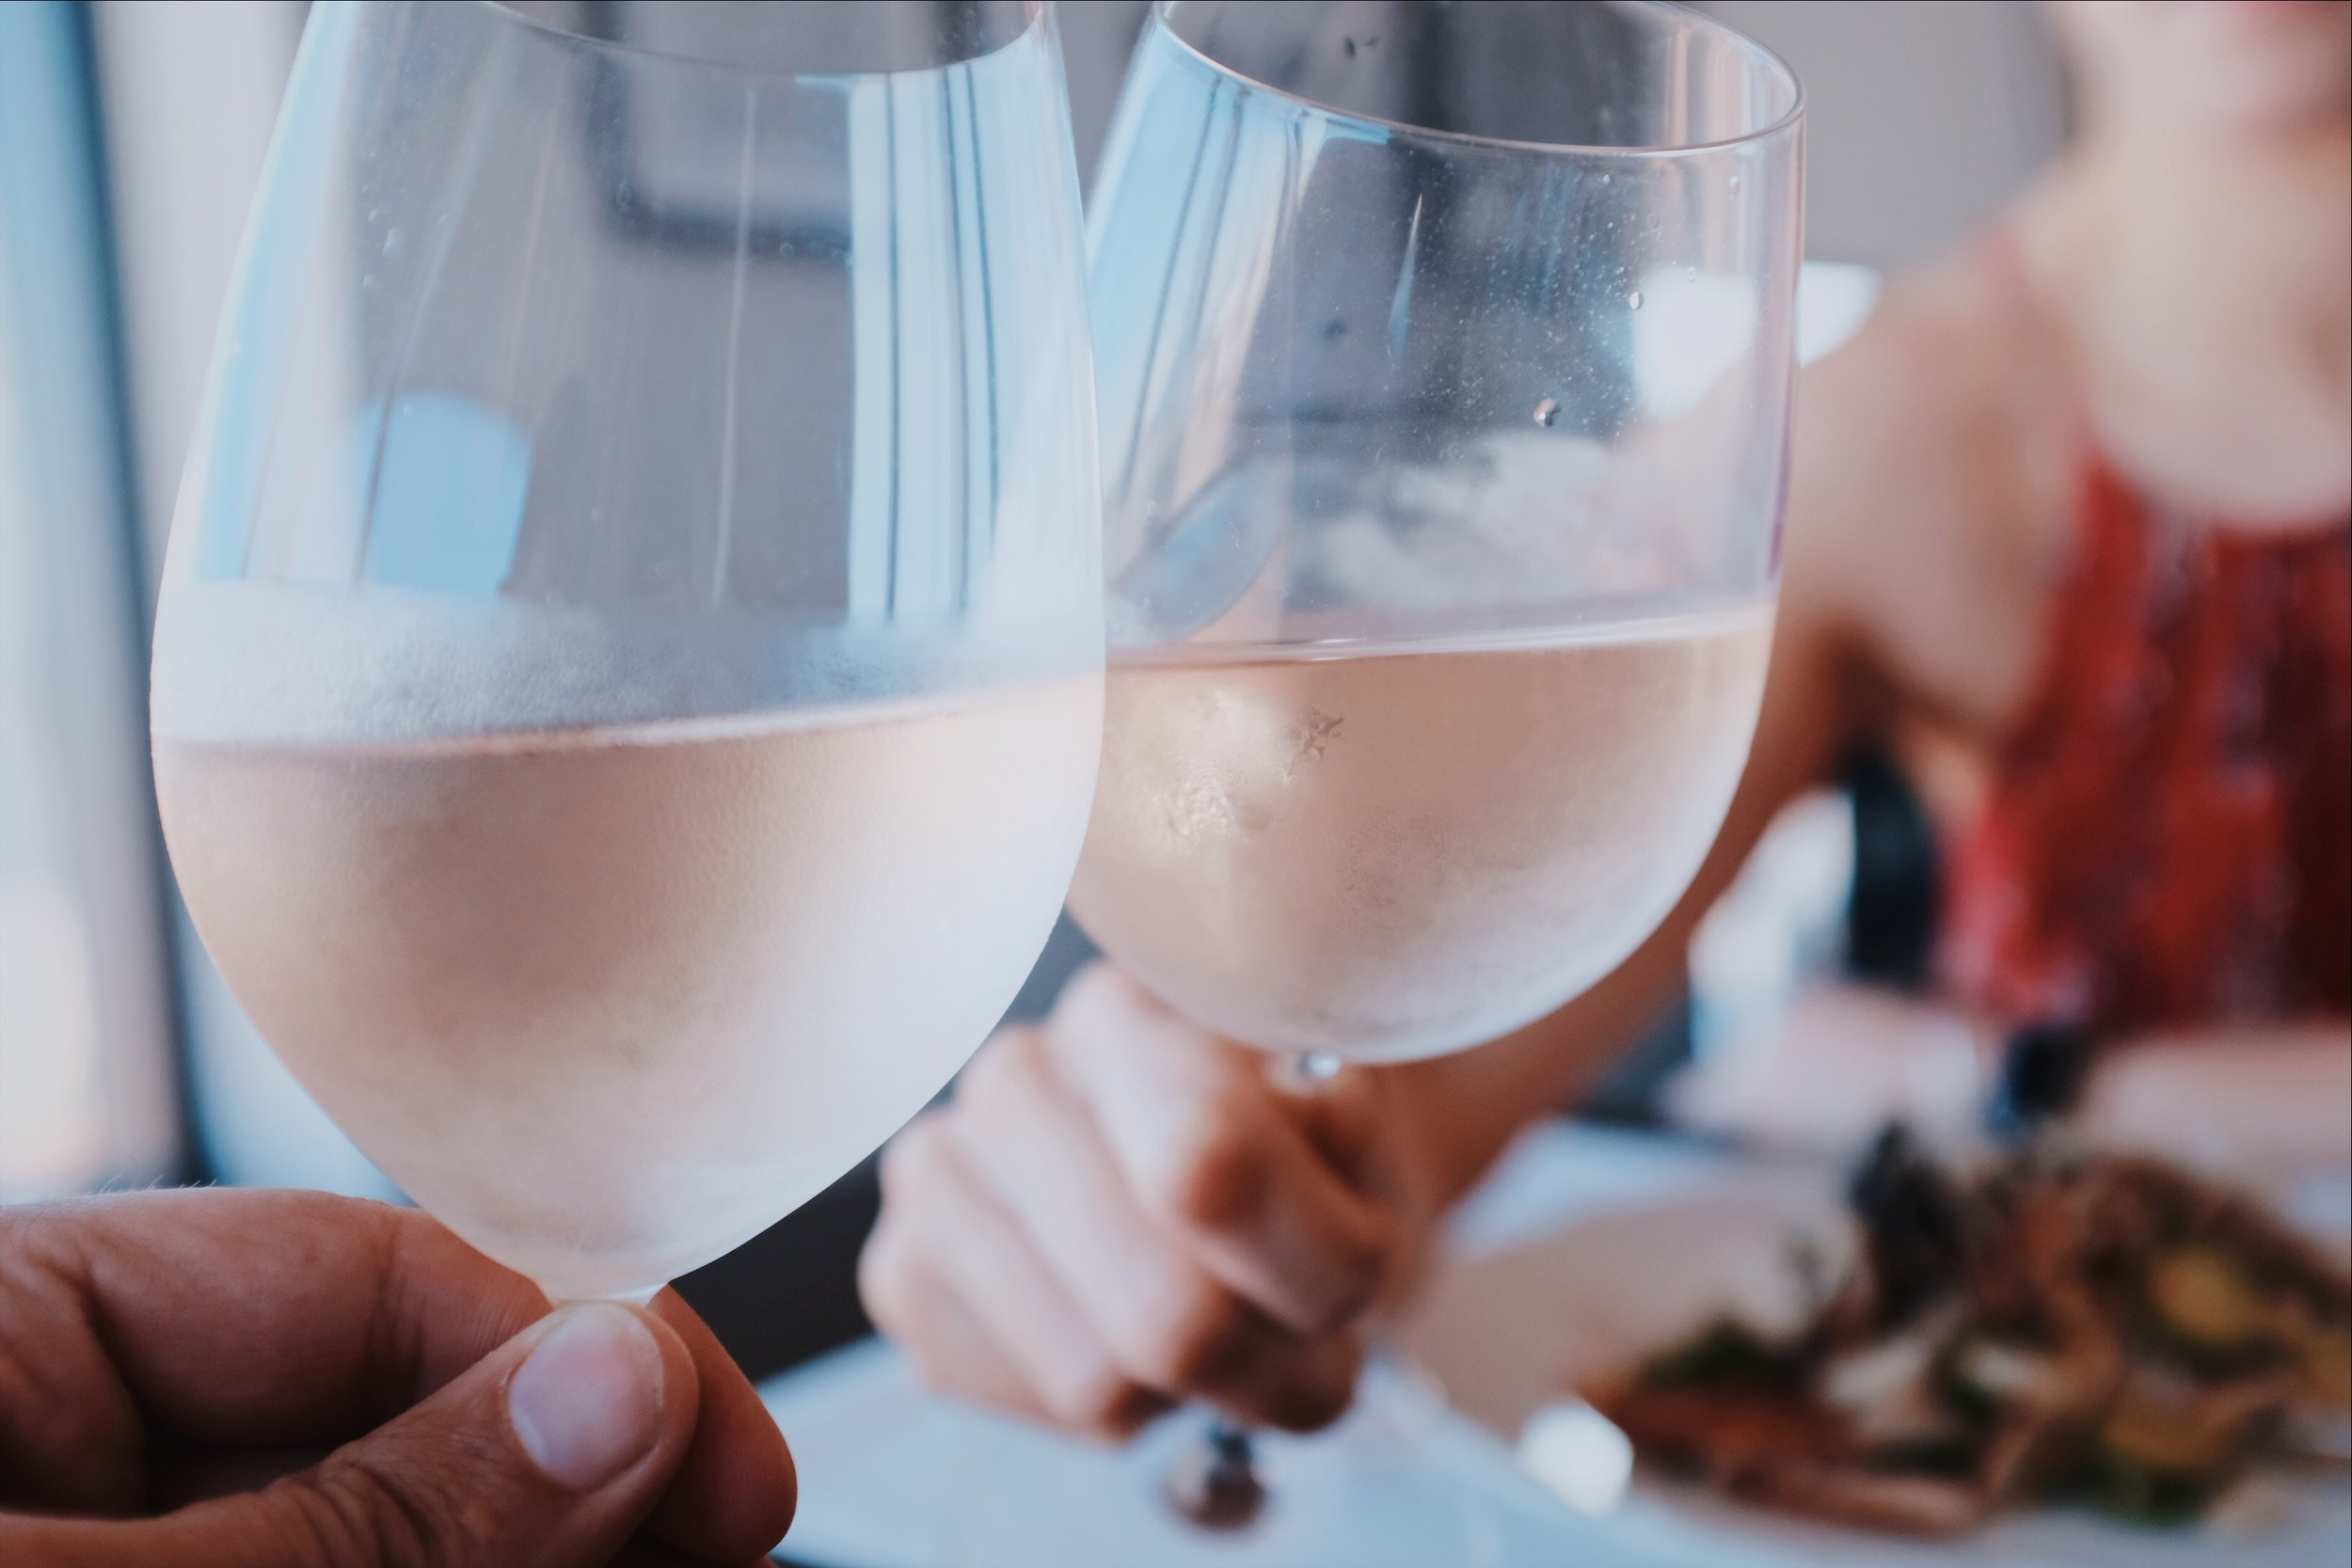 spokane-wine-club-cheers-wine-glasses-in-bar.jpg